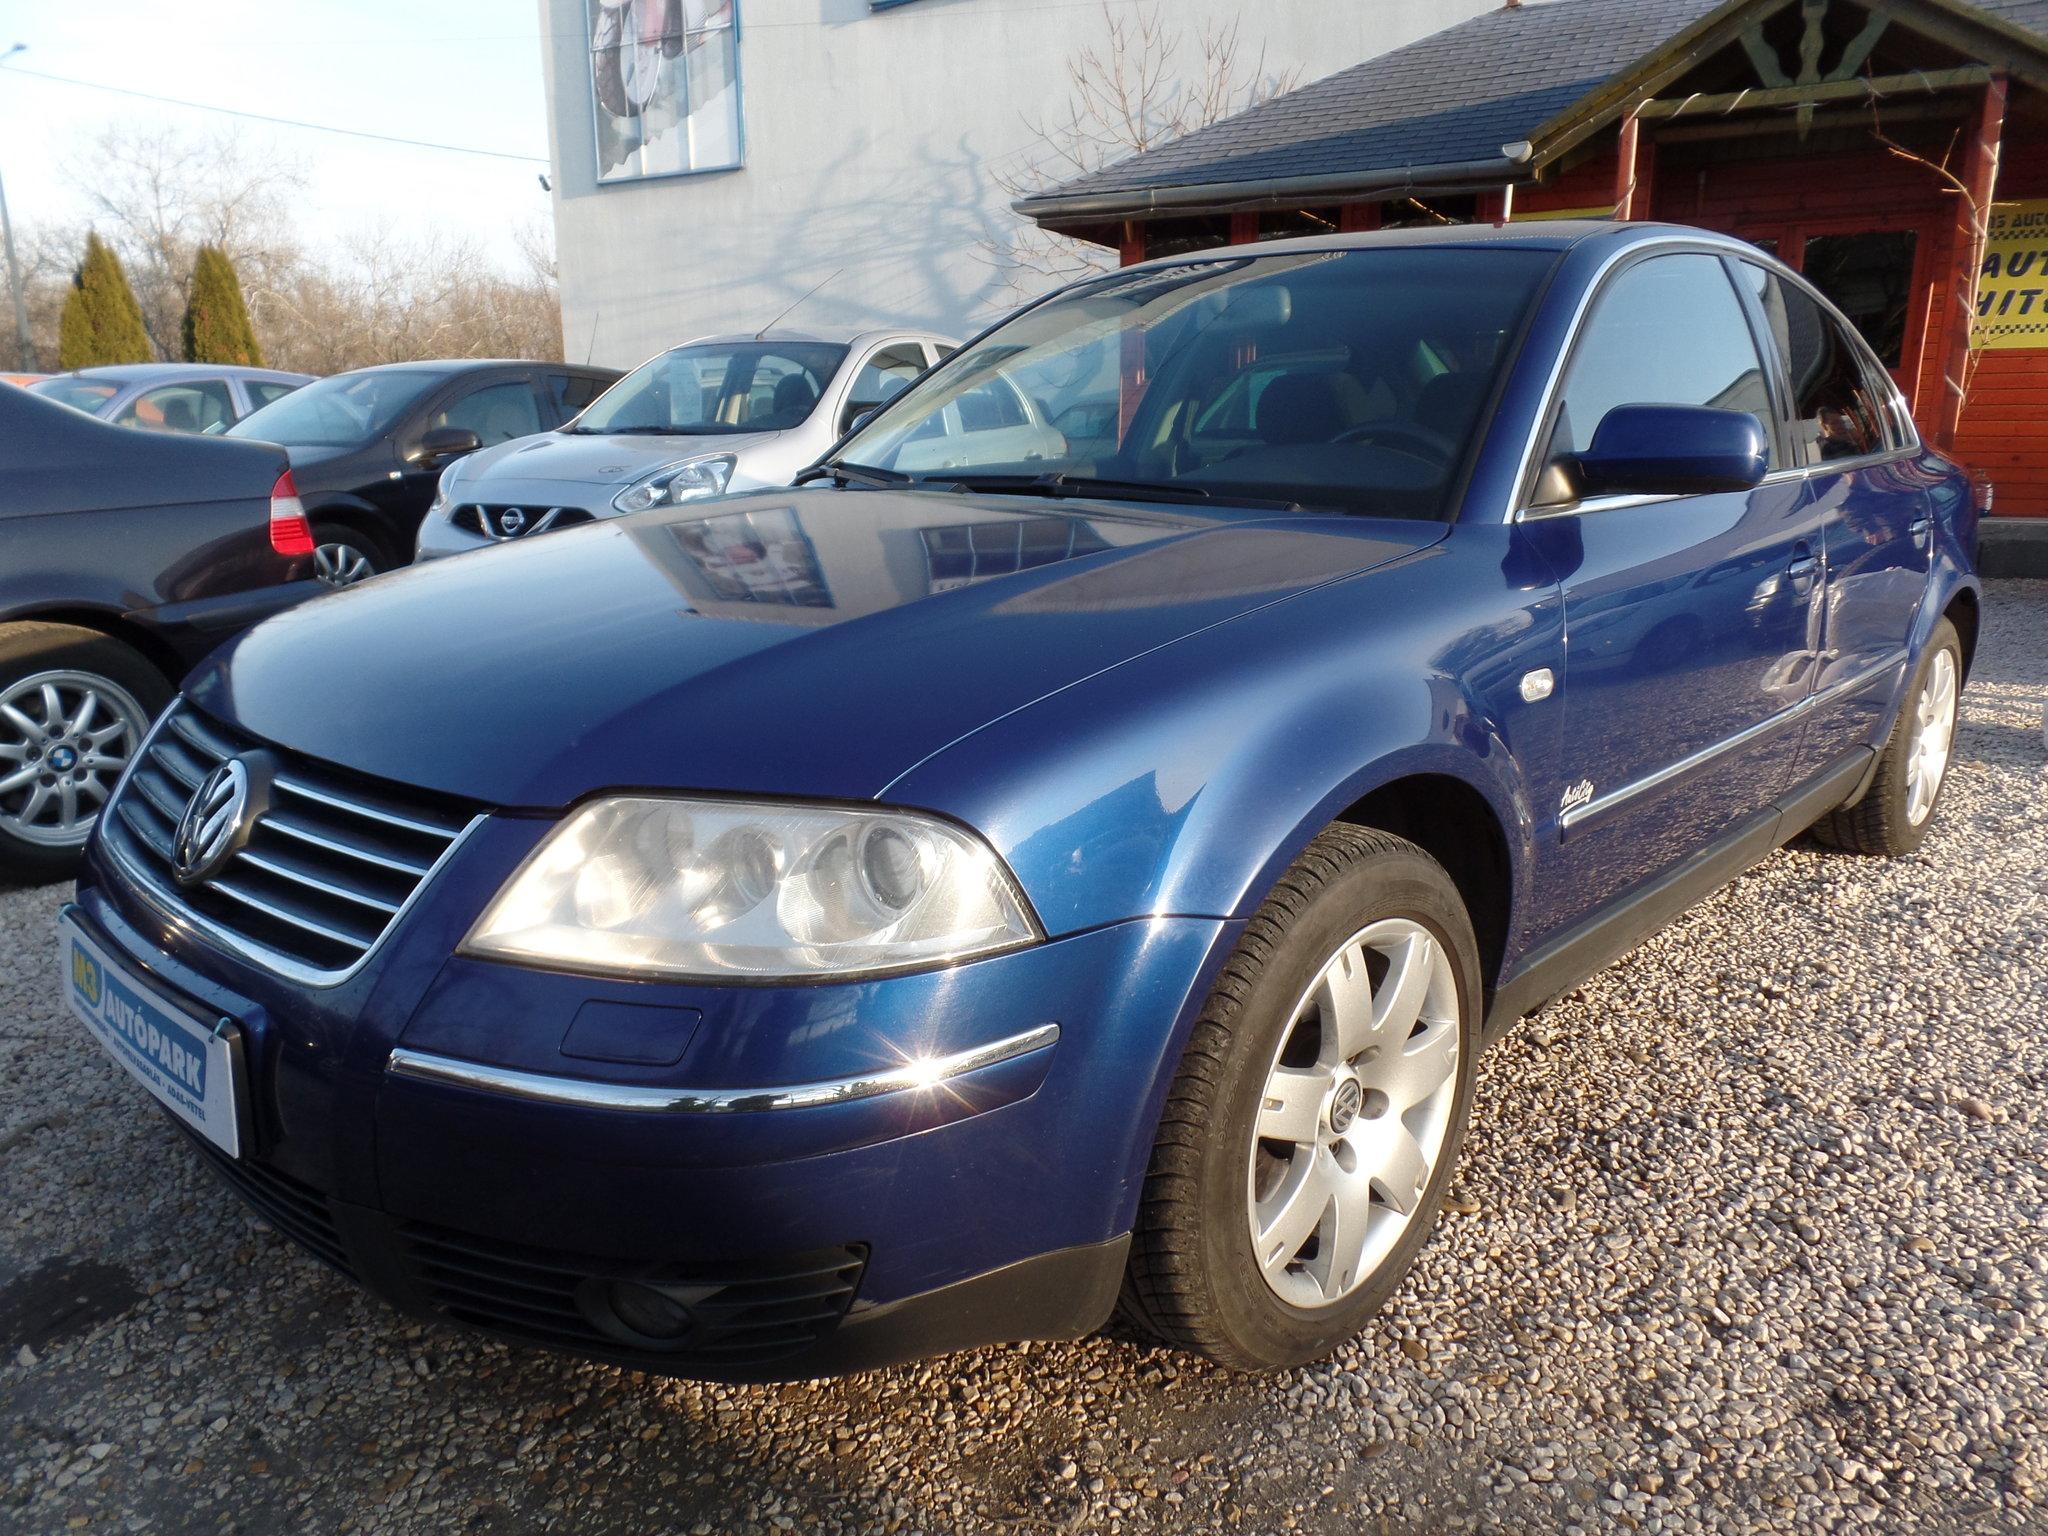 2fe18e81ea Használtautó adás-vétel - volkswagen passat 1.9 PDTDI 4x4 2003 dízel –  autófelvásárlás id3506